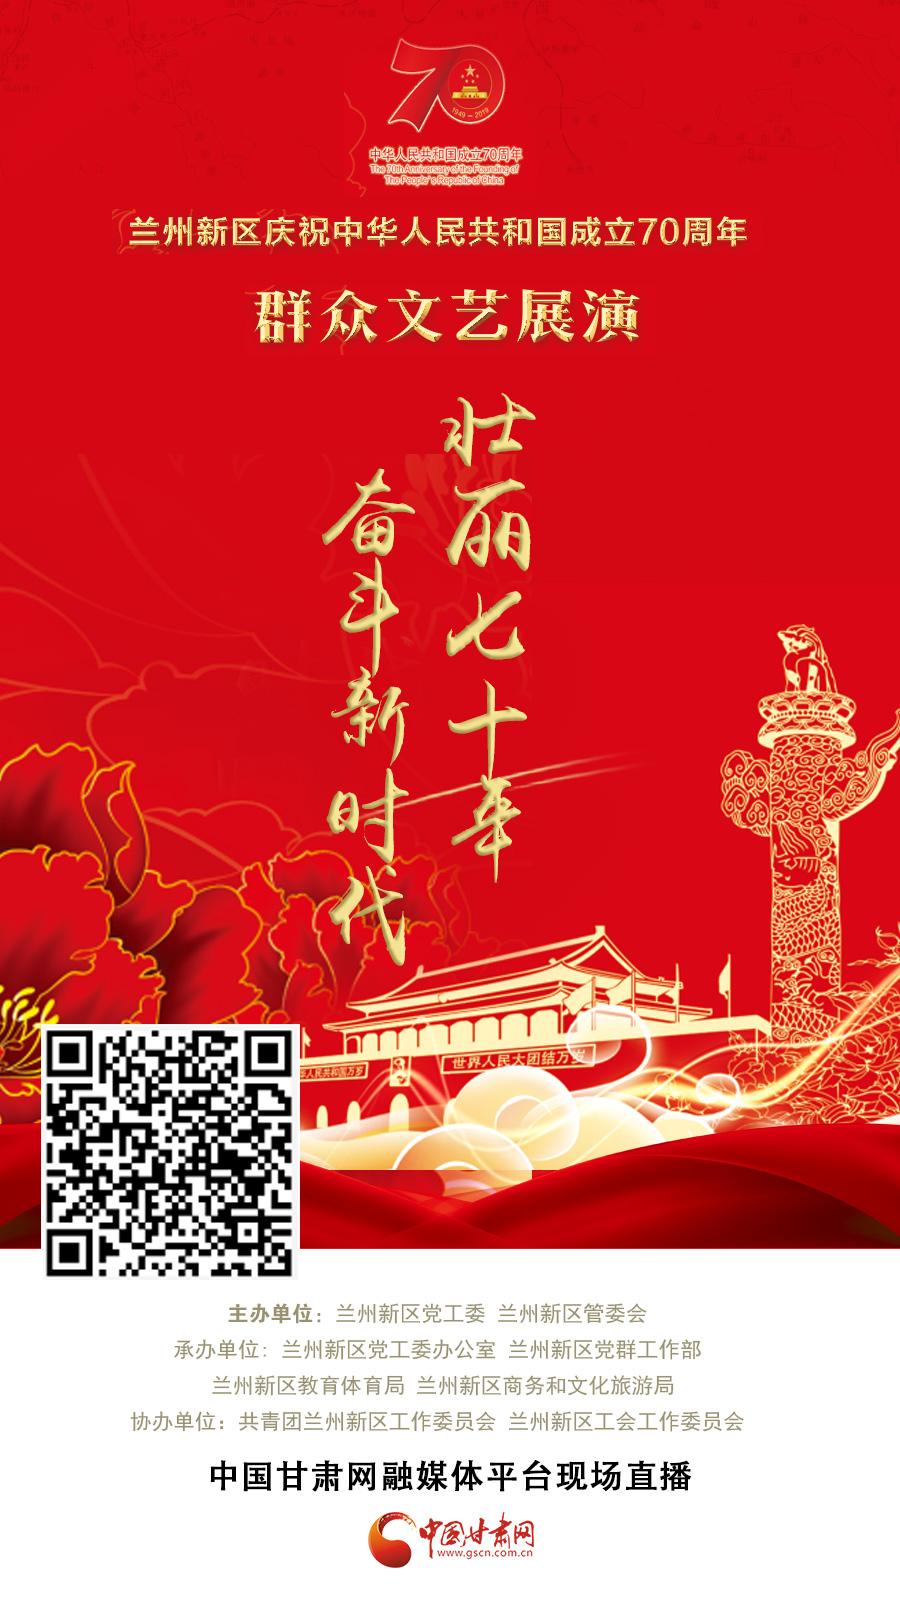 【现场直播】兰州新区庆祝中华人民共和国成立70周年群众文艺展演